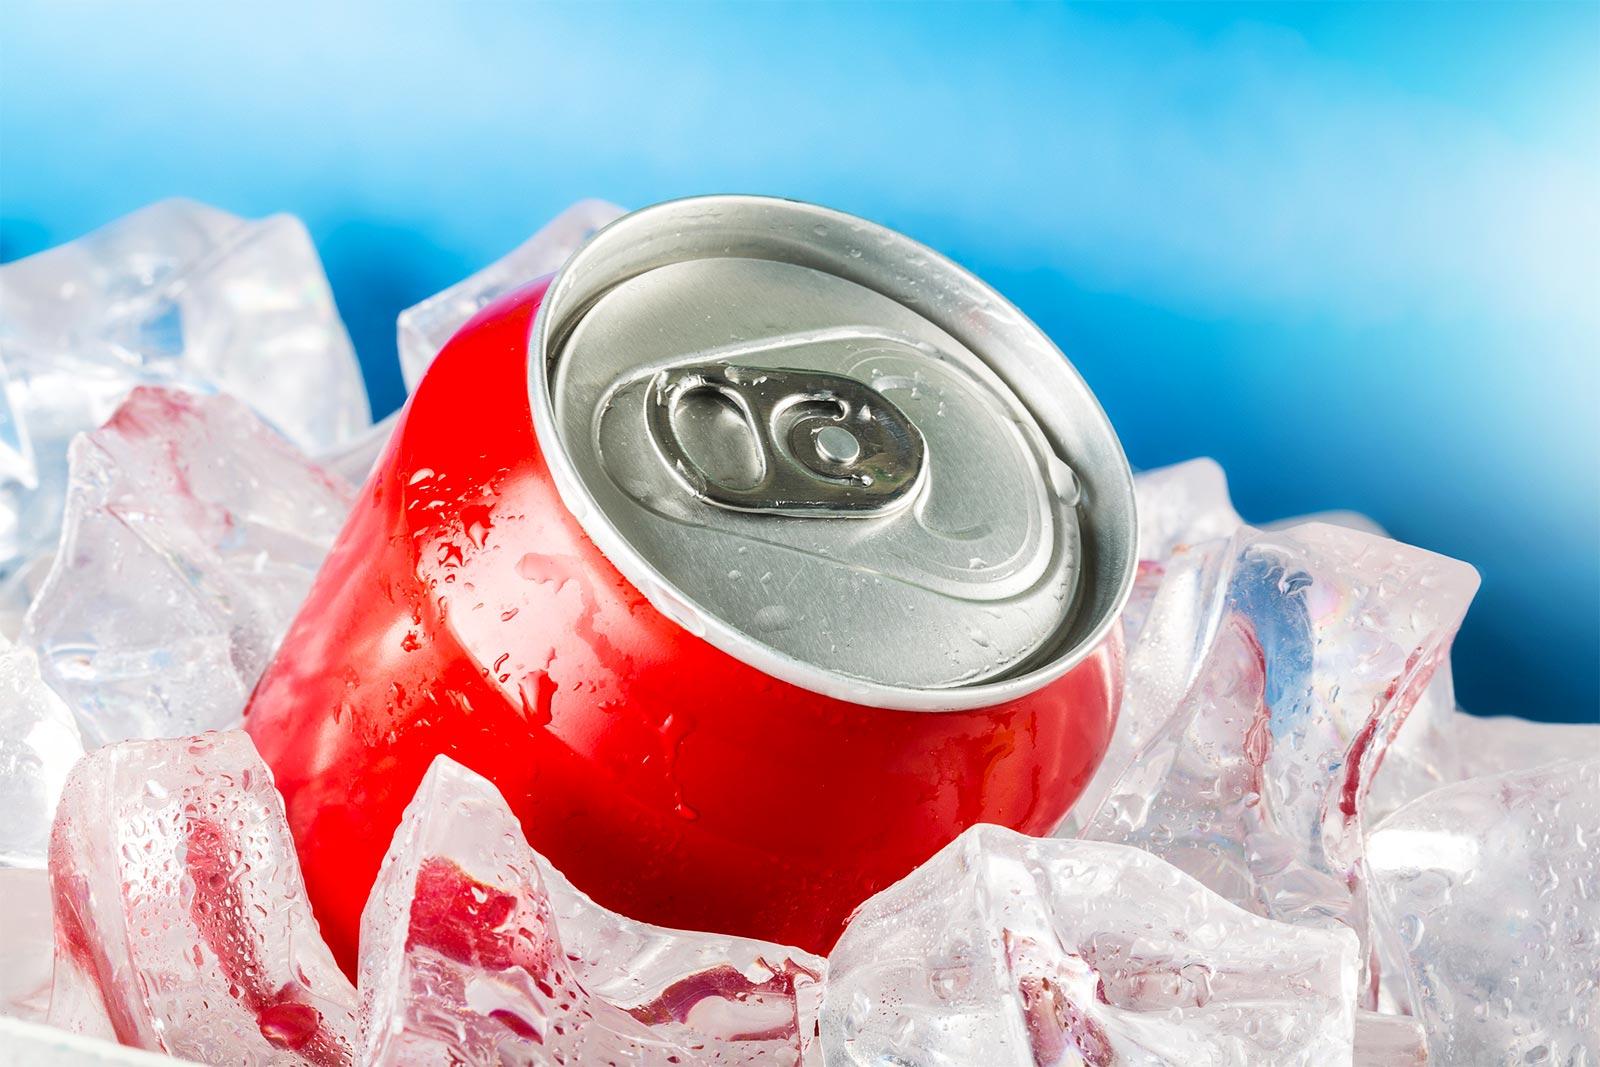 chilled beverage